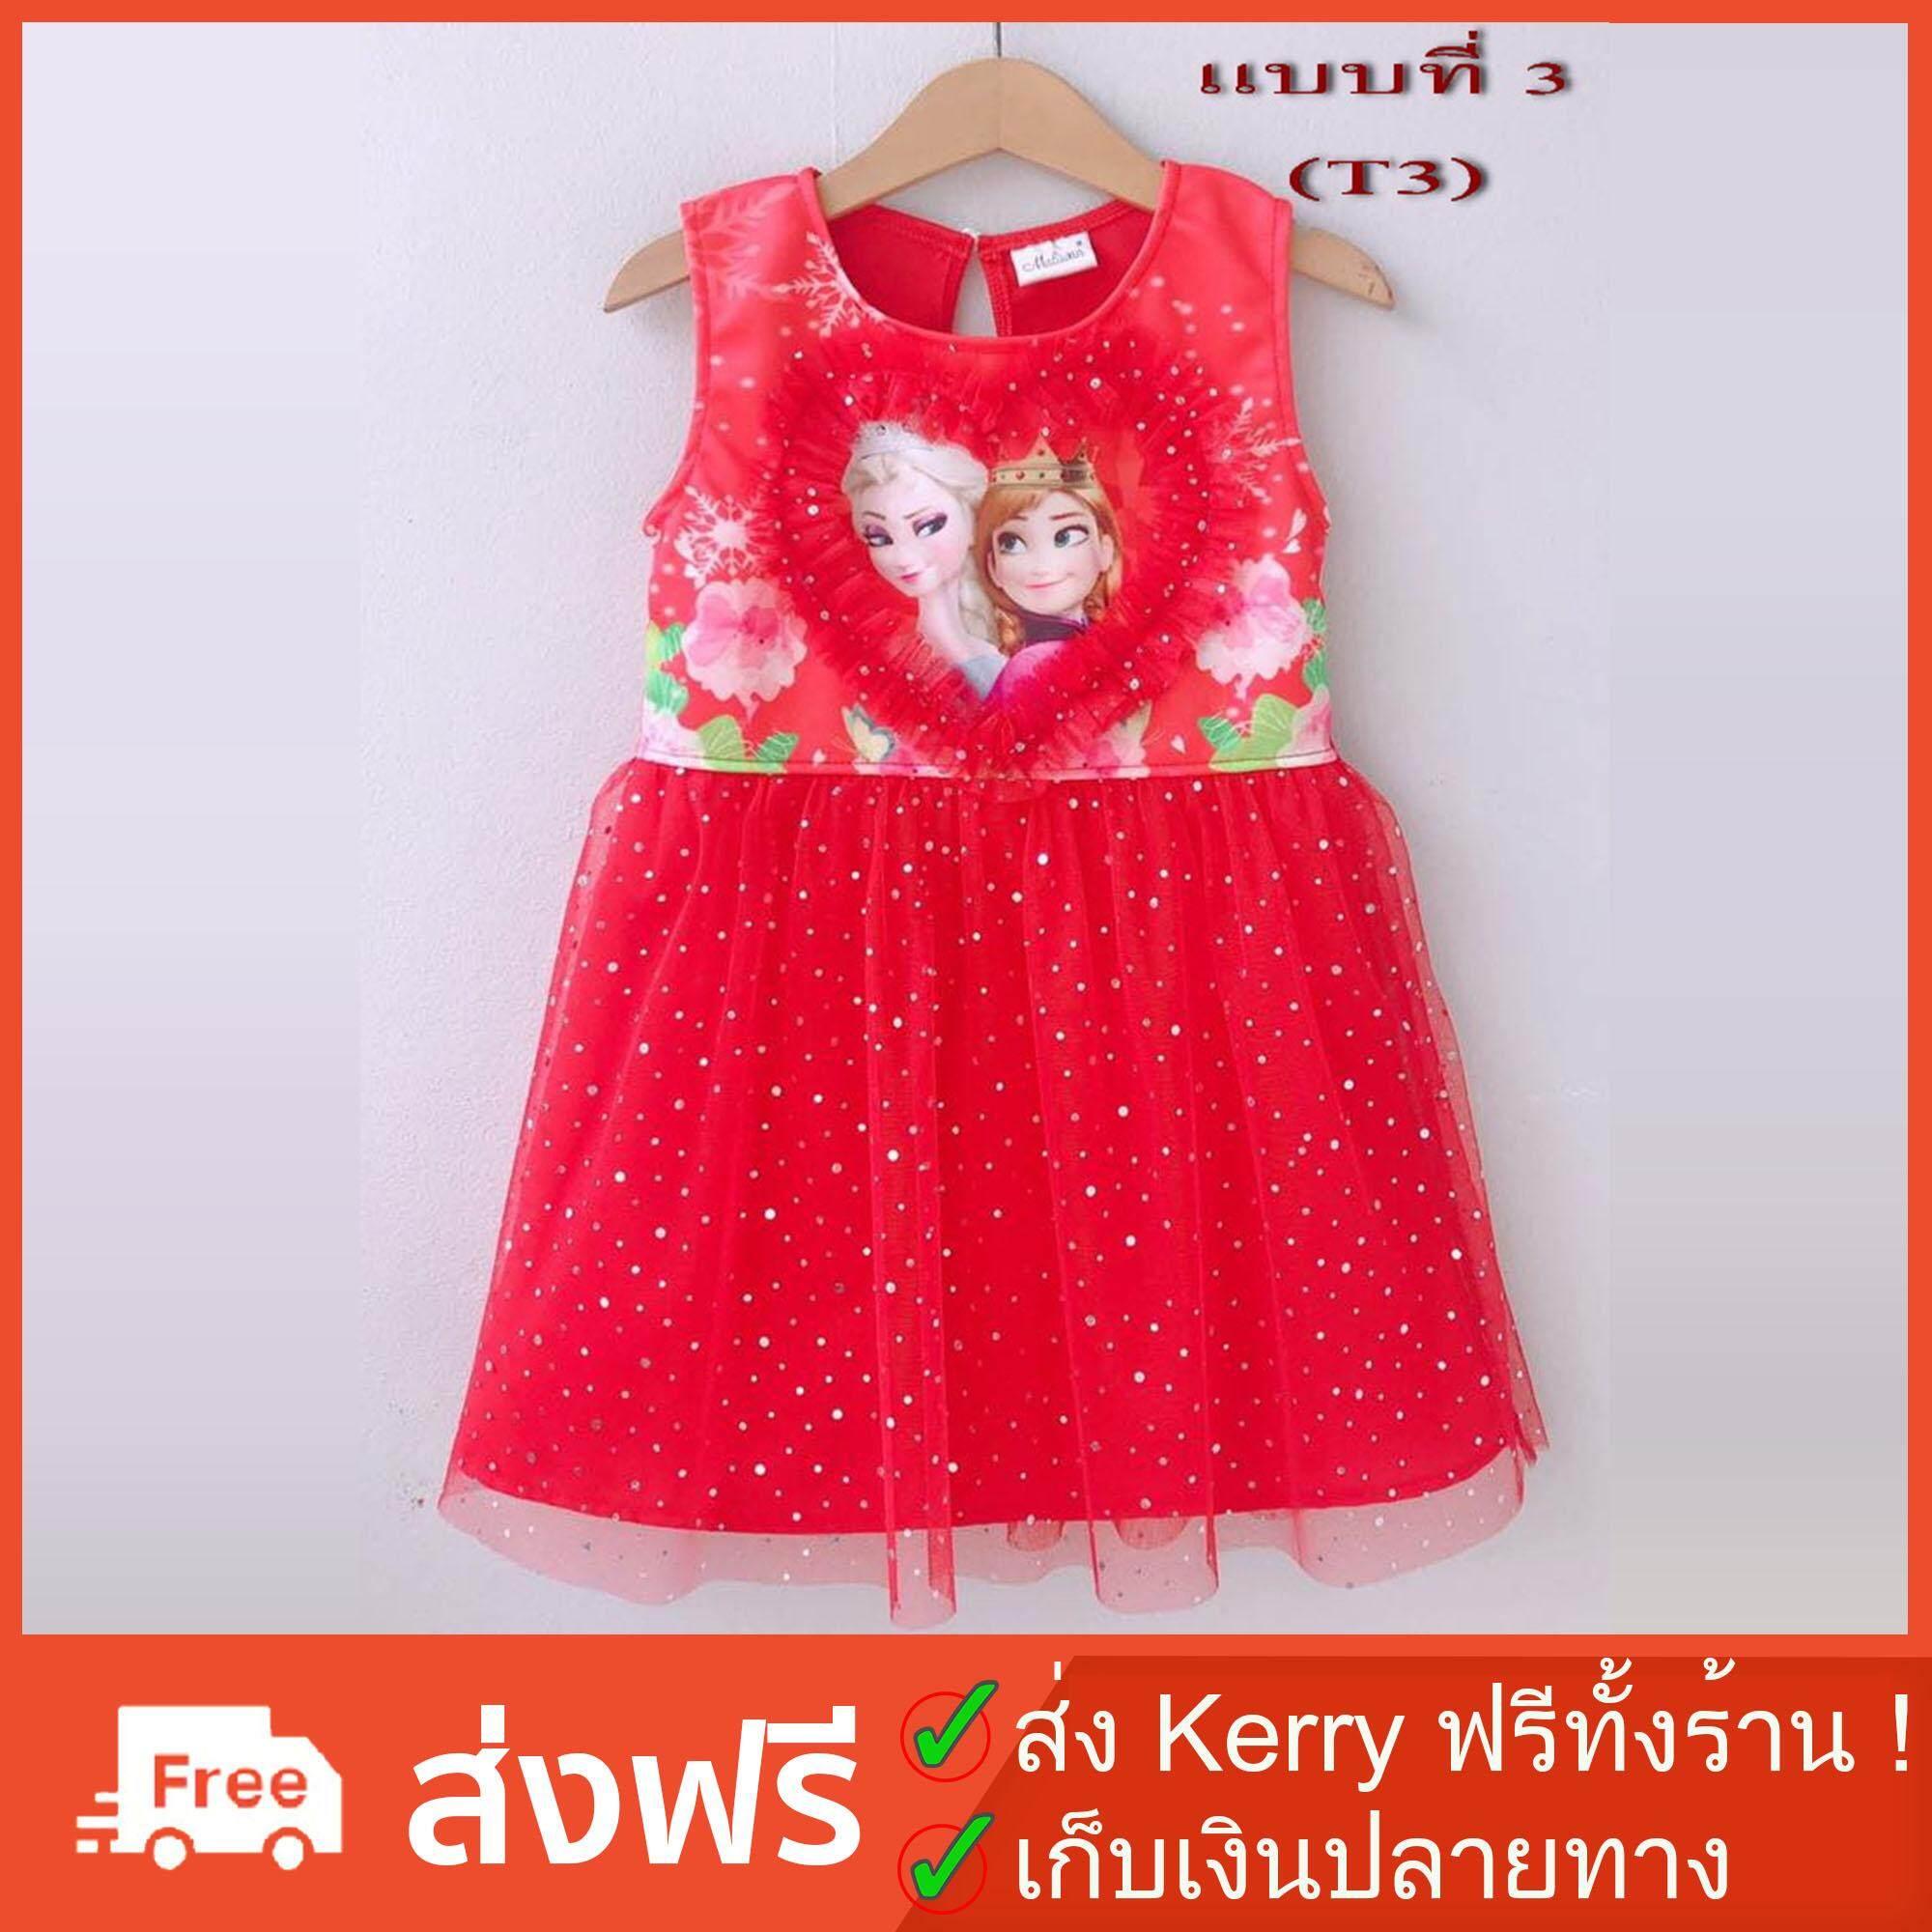 ขายดีมาก! ส่ง Kerry ฟรีทั้งร้าน !!  เสื้อผ้าเด็ก เดรสเด็กผู้หญิง ชุดเจ้าหญิง เดรสเอลซ่า แต่งหัวใจมุ้งเพชร กระโปรงมุ้งเพชร